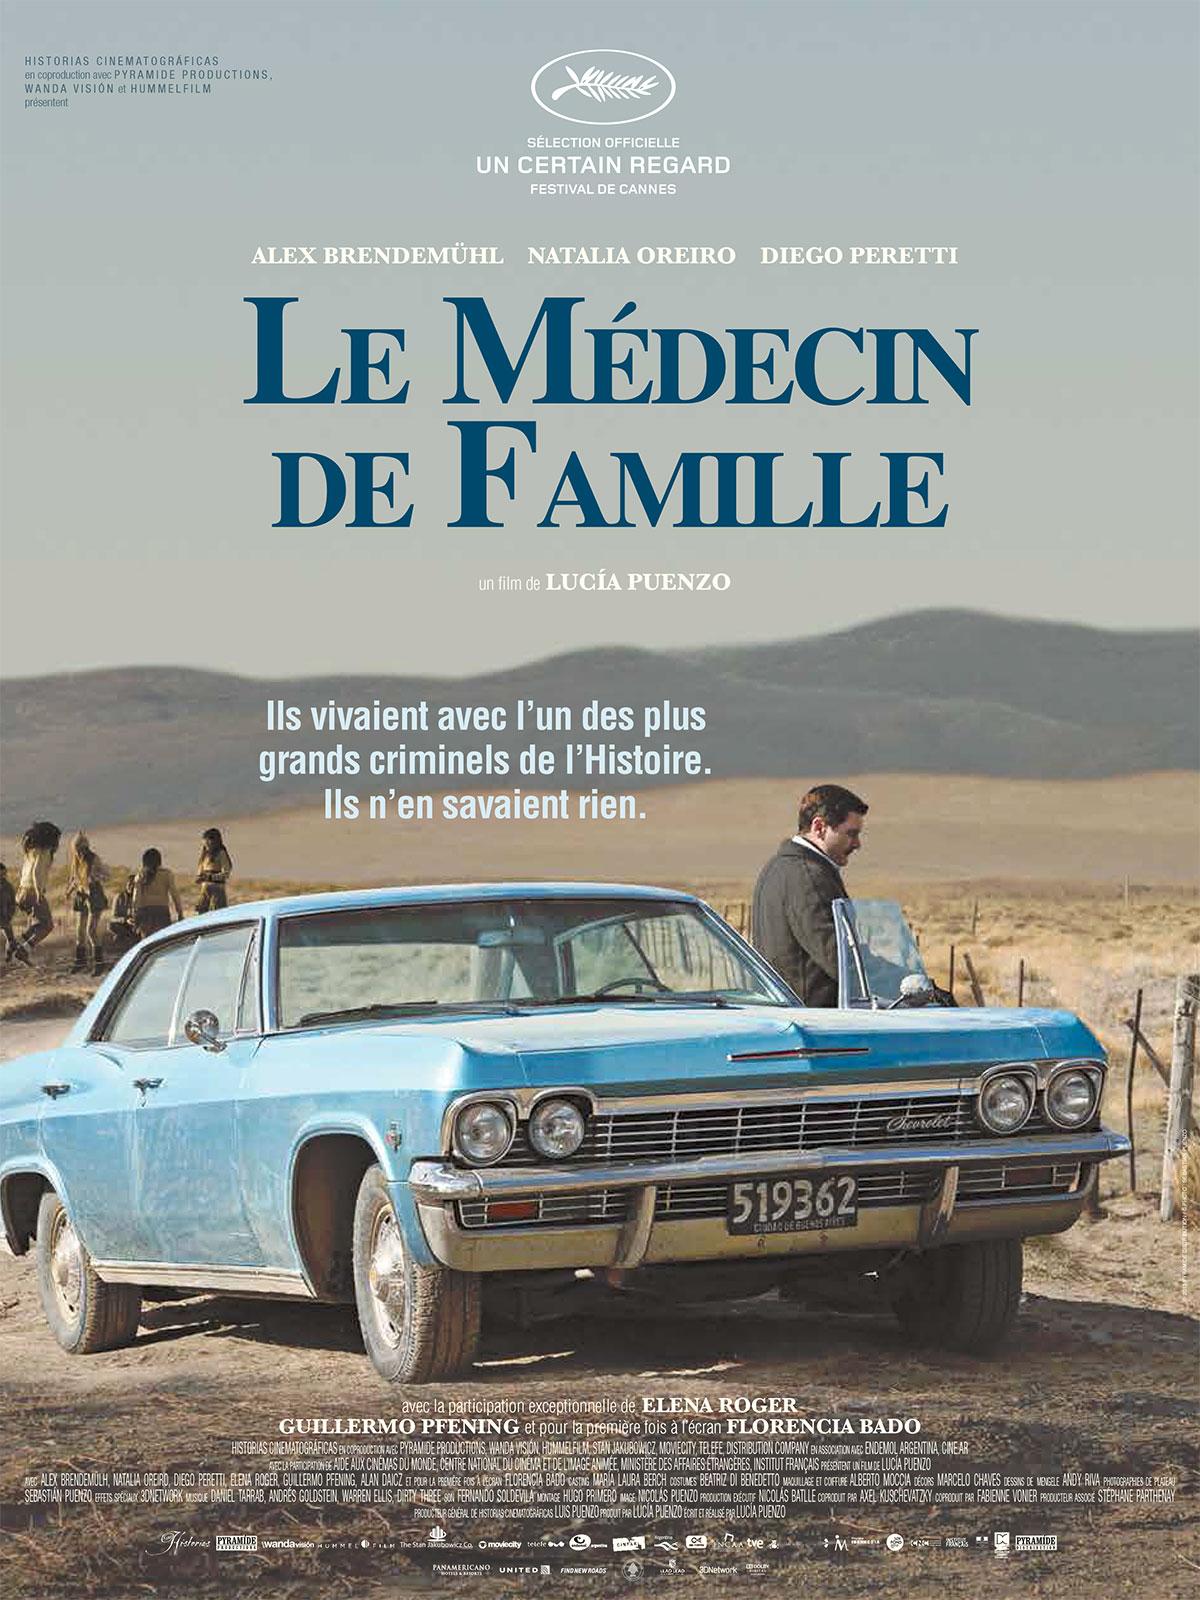 Telecharger Le médecin de famille TRUEFRENCH DVDRIP Gratuitement